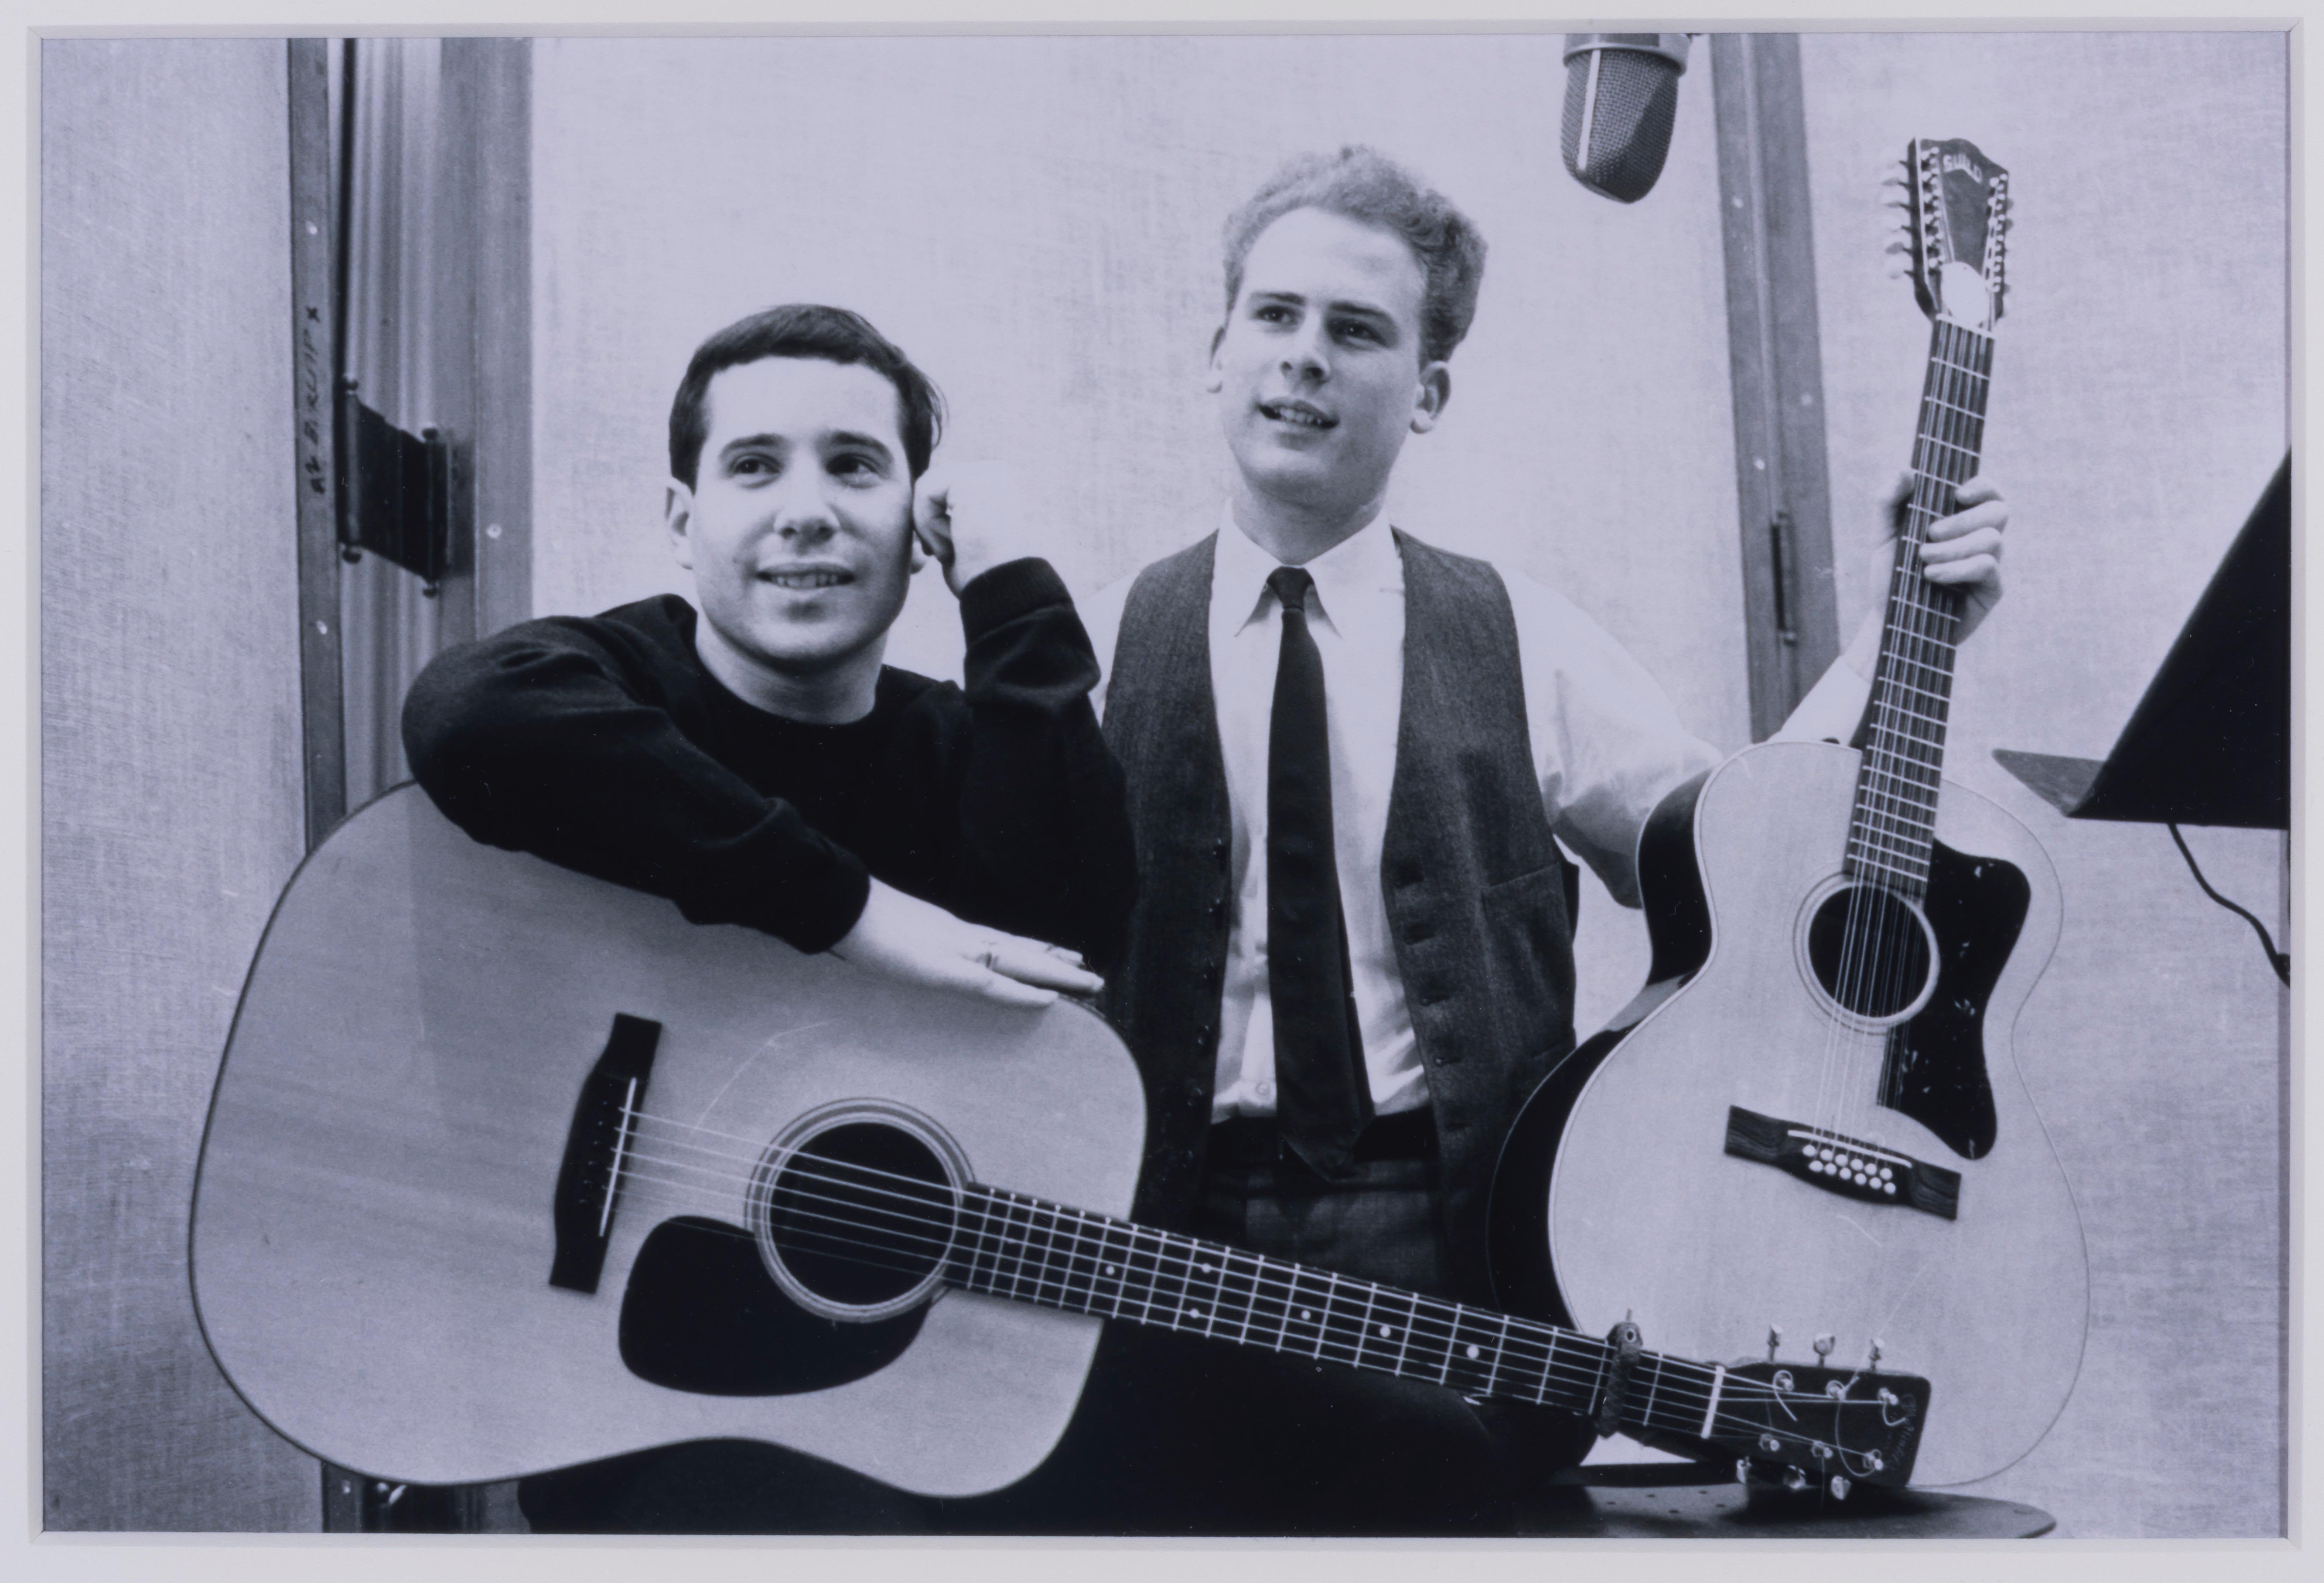 Landis and Garfunkel, 1964 by Don Hunstein